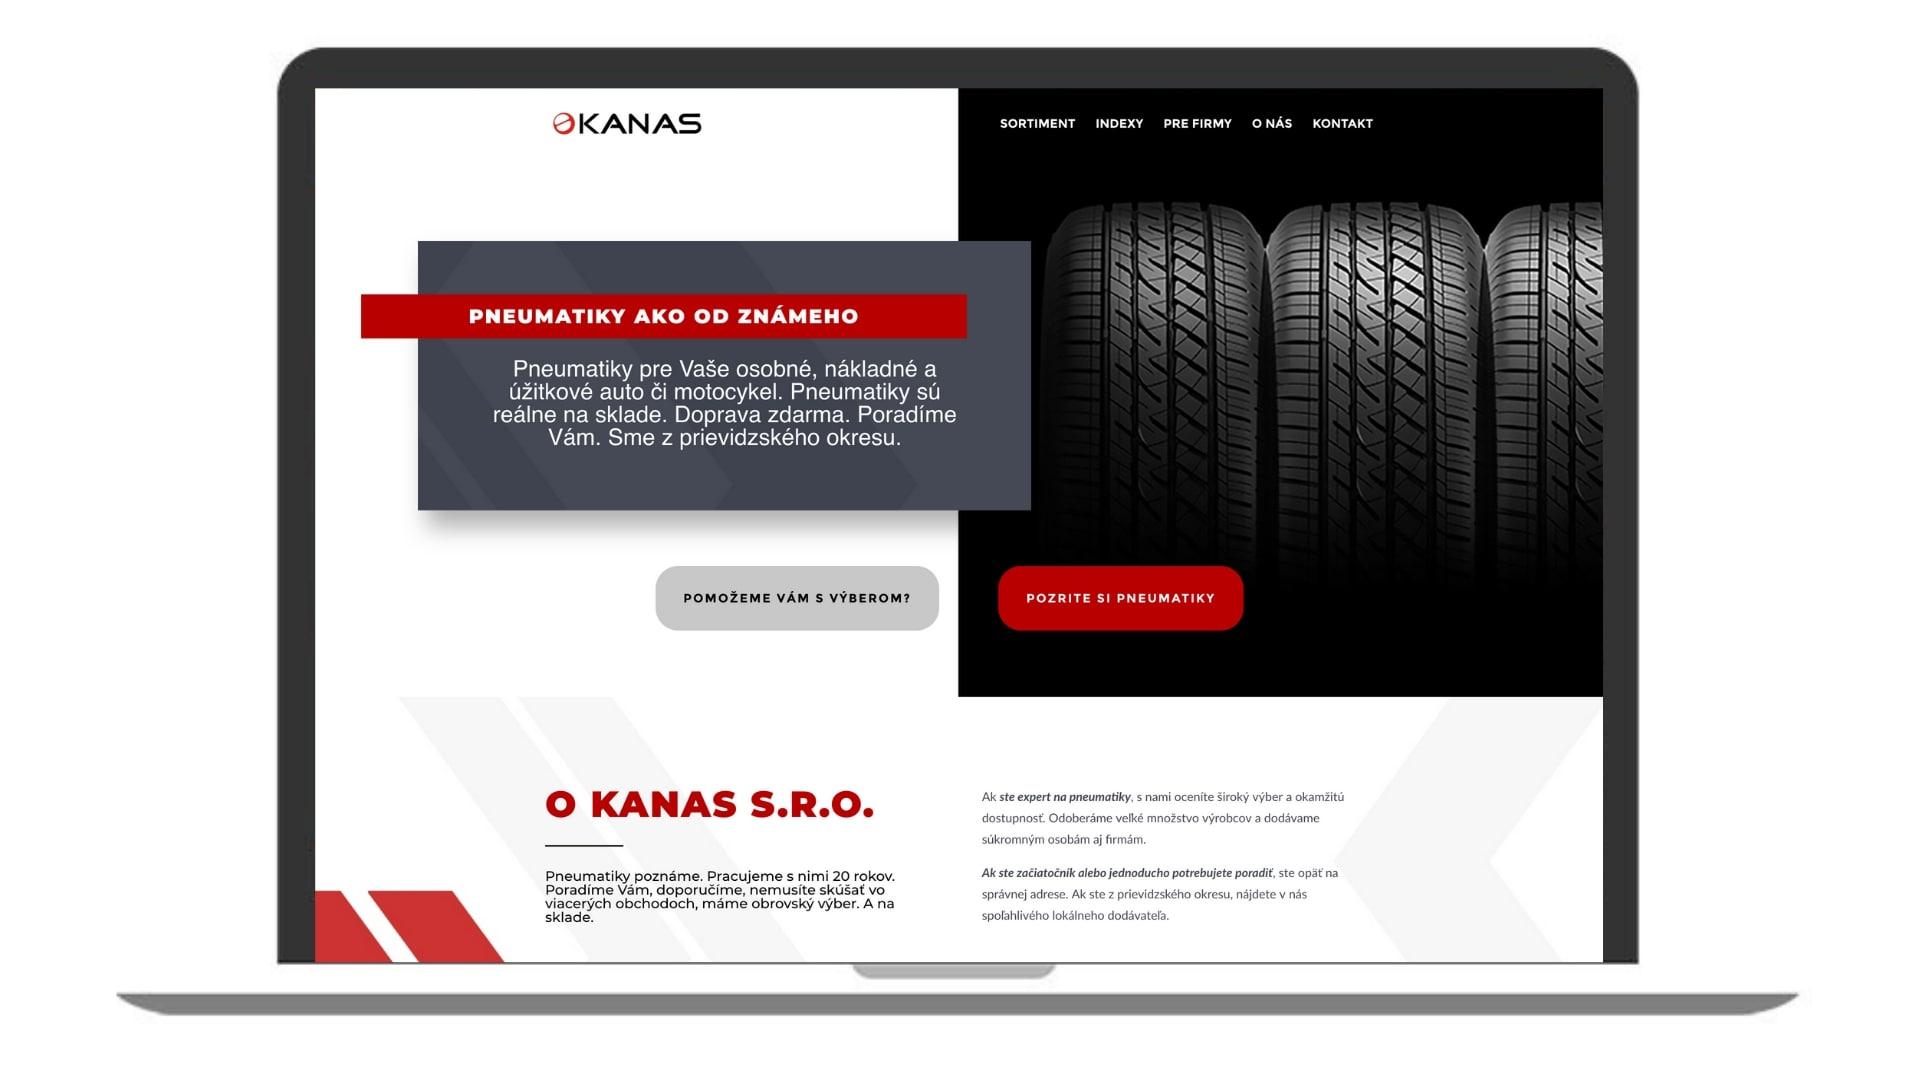 Protopia.sk | Porfólio | Kanas-sro - pneumatiky